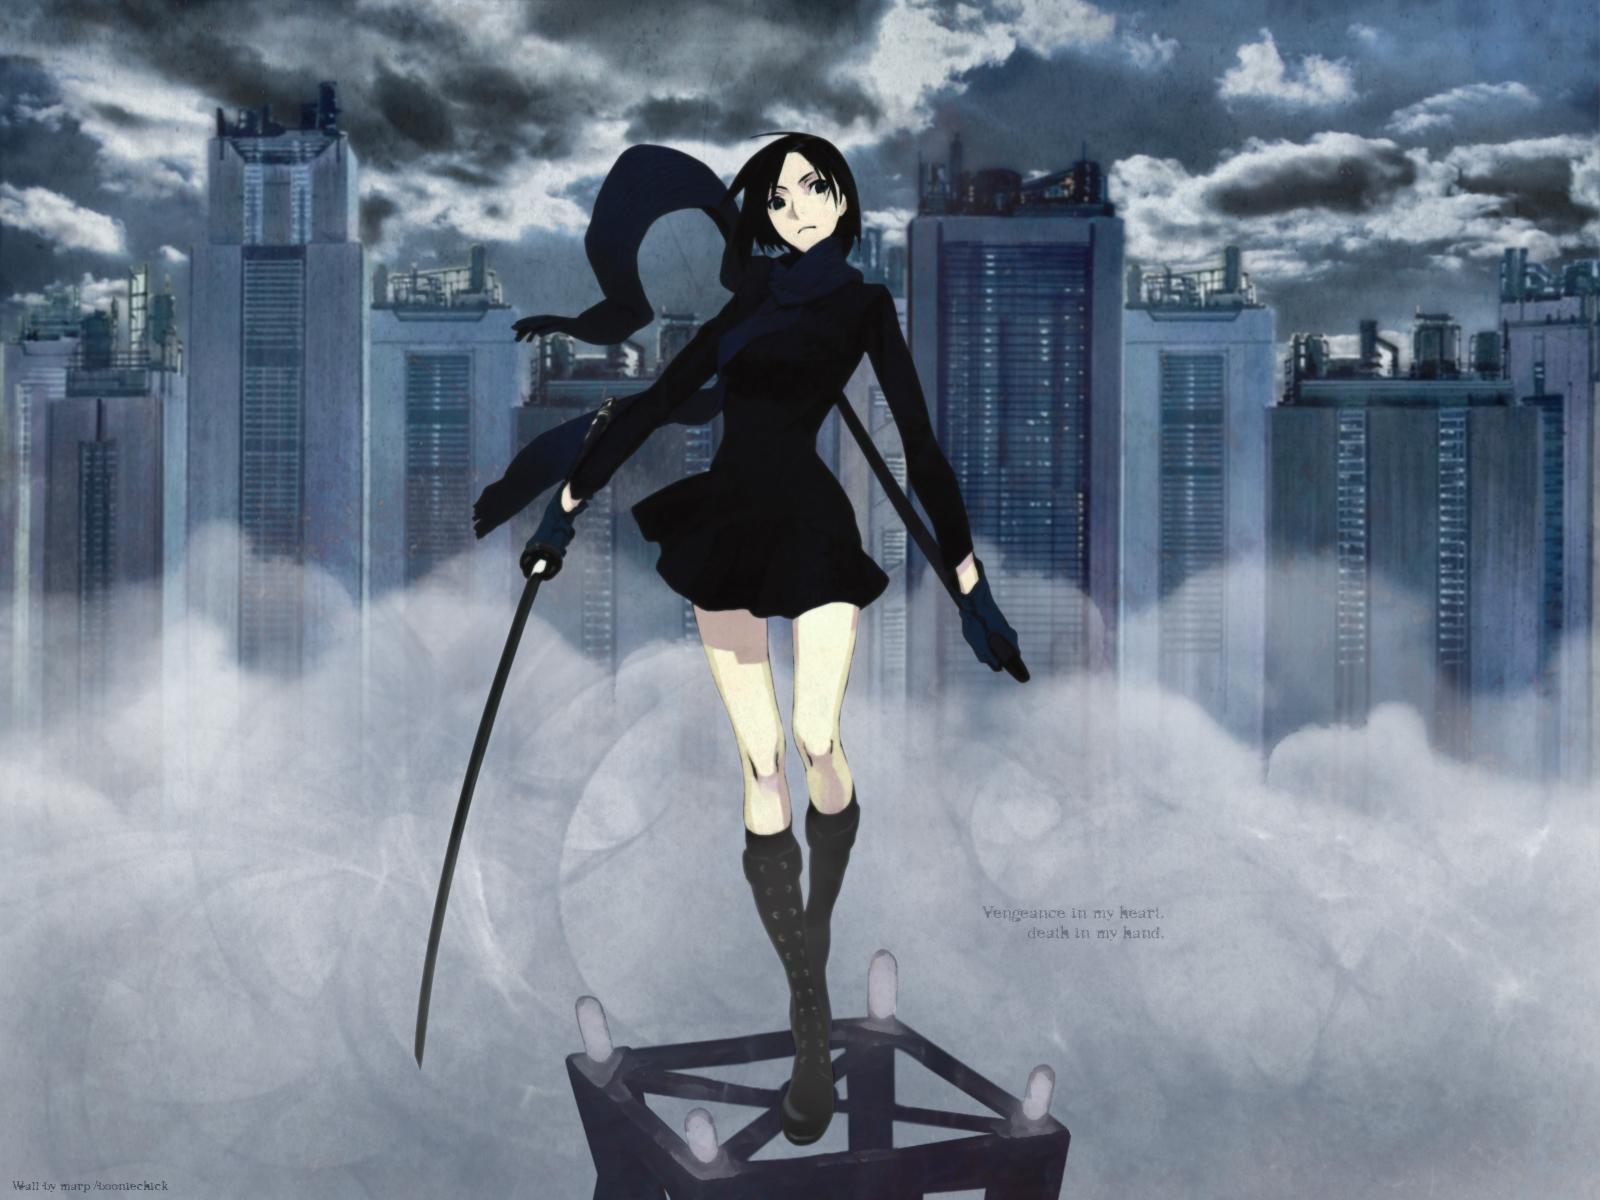 Anime Assassin Wallpaper Anime Assassin 1600x1200